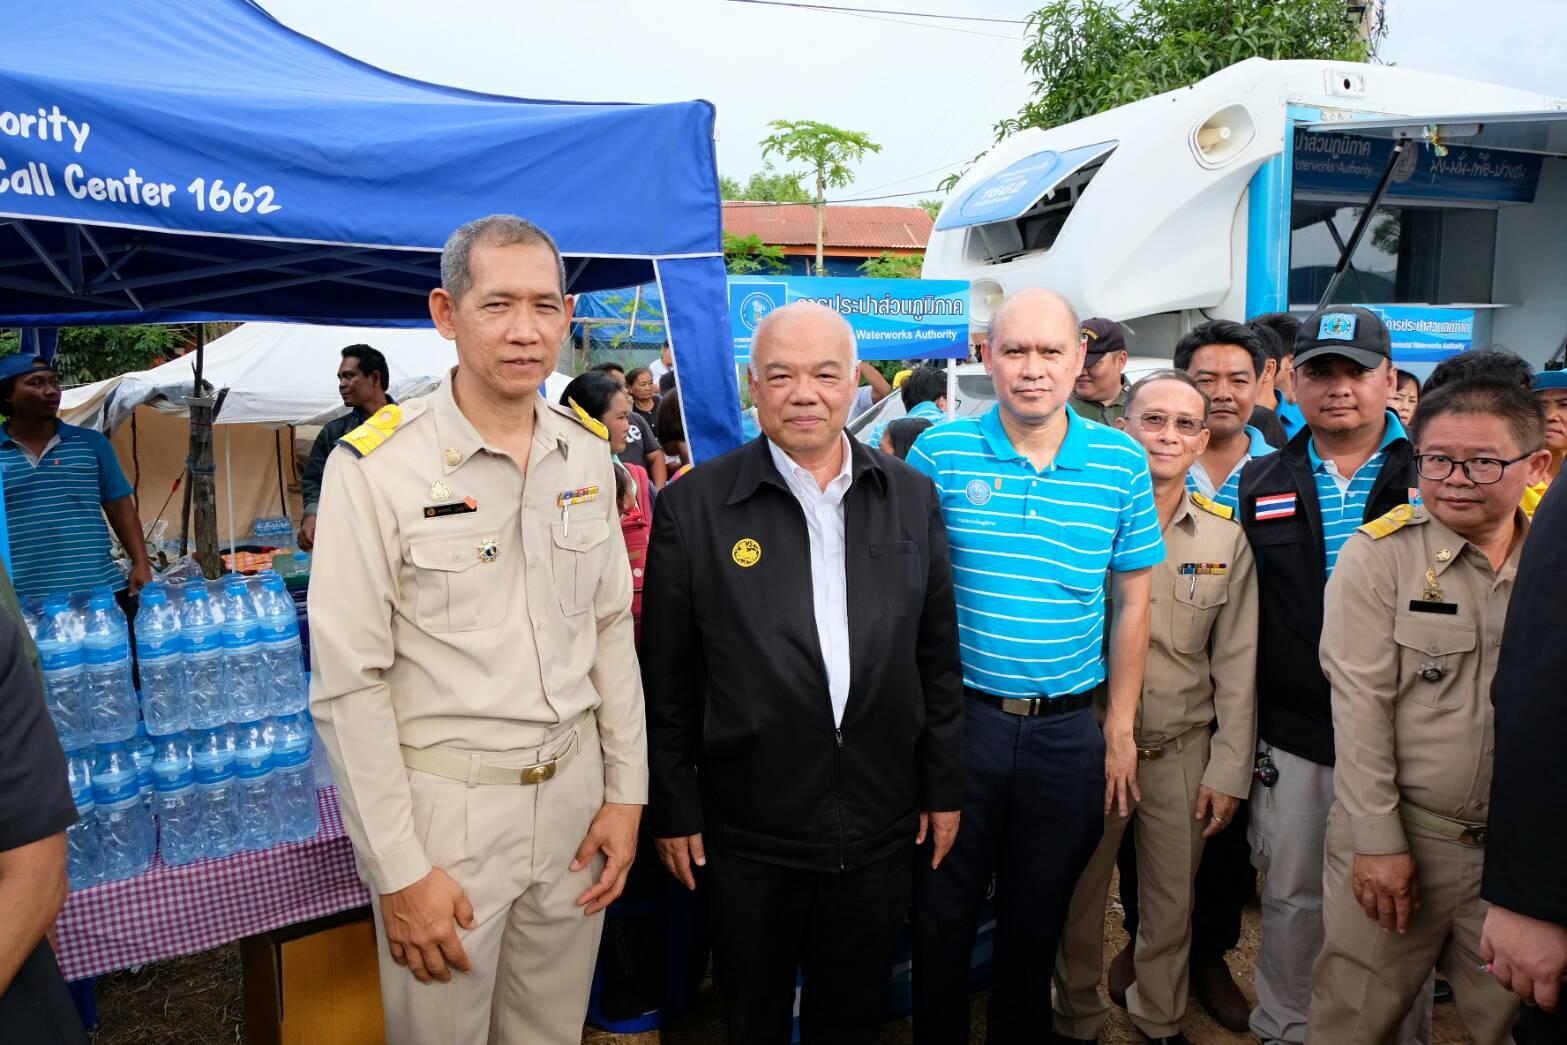 กปภ.ข.๘ ร่วมกับ กปภ.สาขาอุบลราชธานี ลงพื้นที่ ให้บริการน้ำดื่มประชาชนในโอกาสนายกรัฐมนตรีเยี่ยมประชาชนประสบภัยน้ำท่วมชุมชนหนองกินเพล